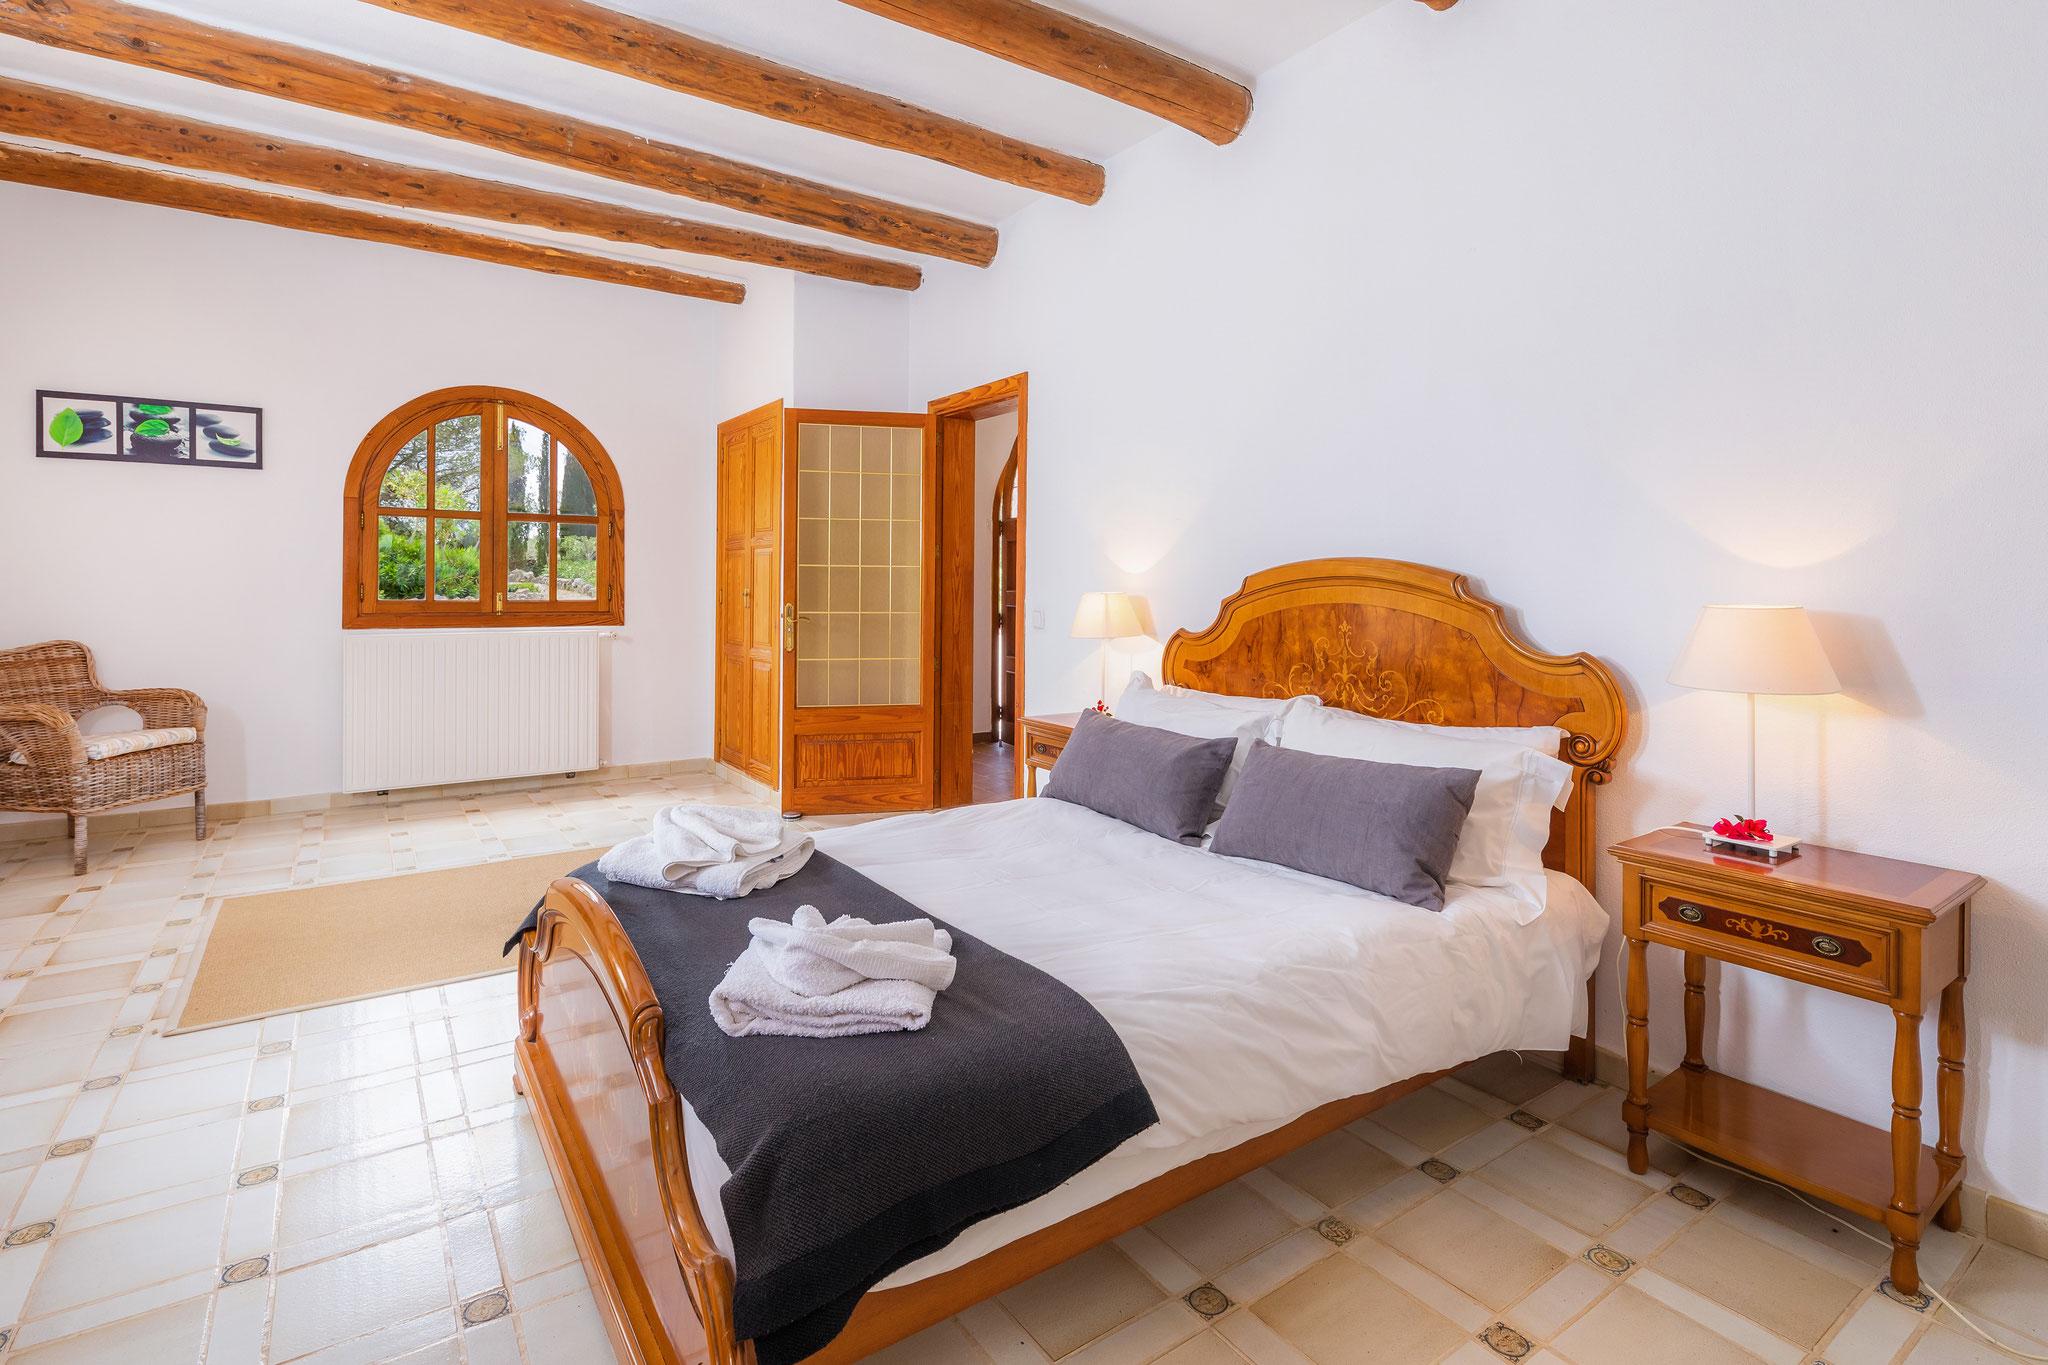 planta baja, dormitorio con cama doble Queensize